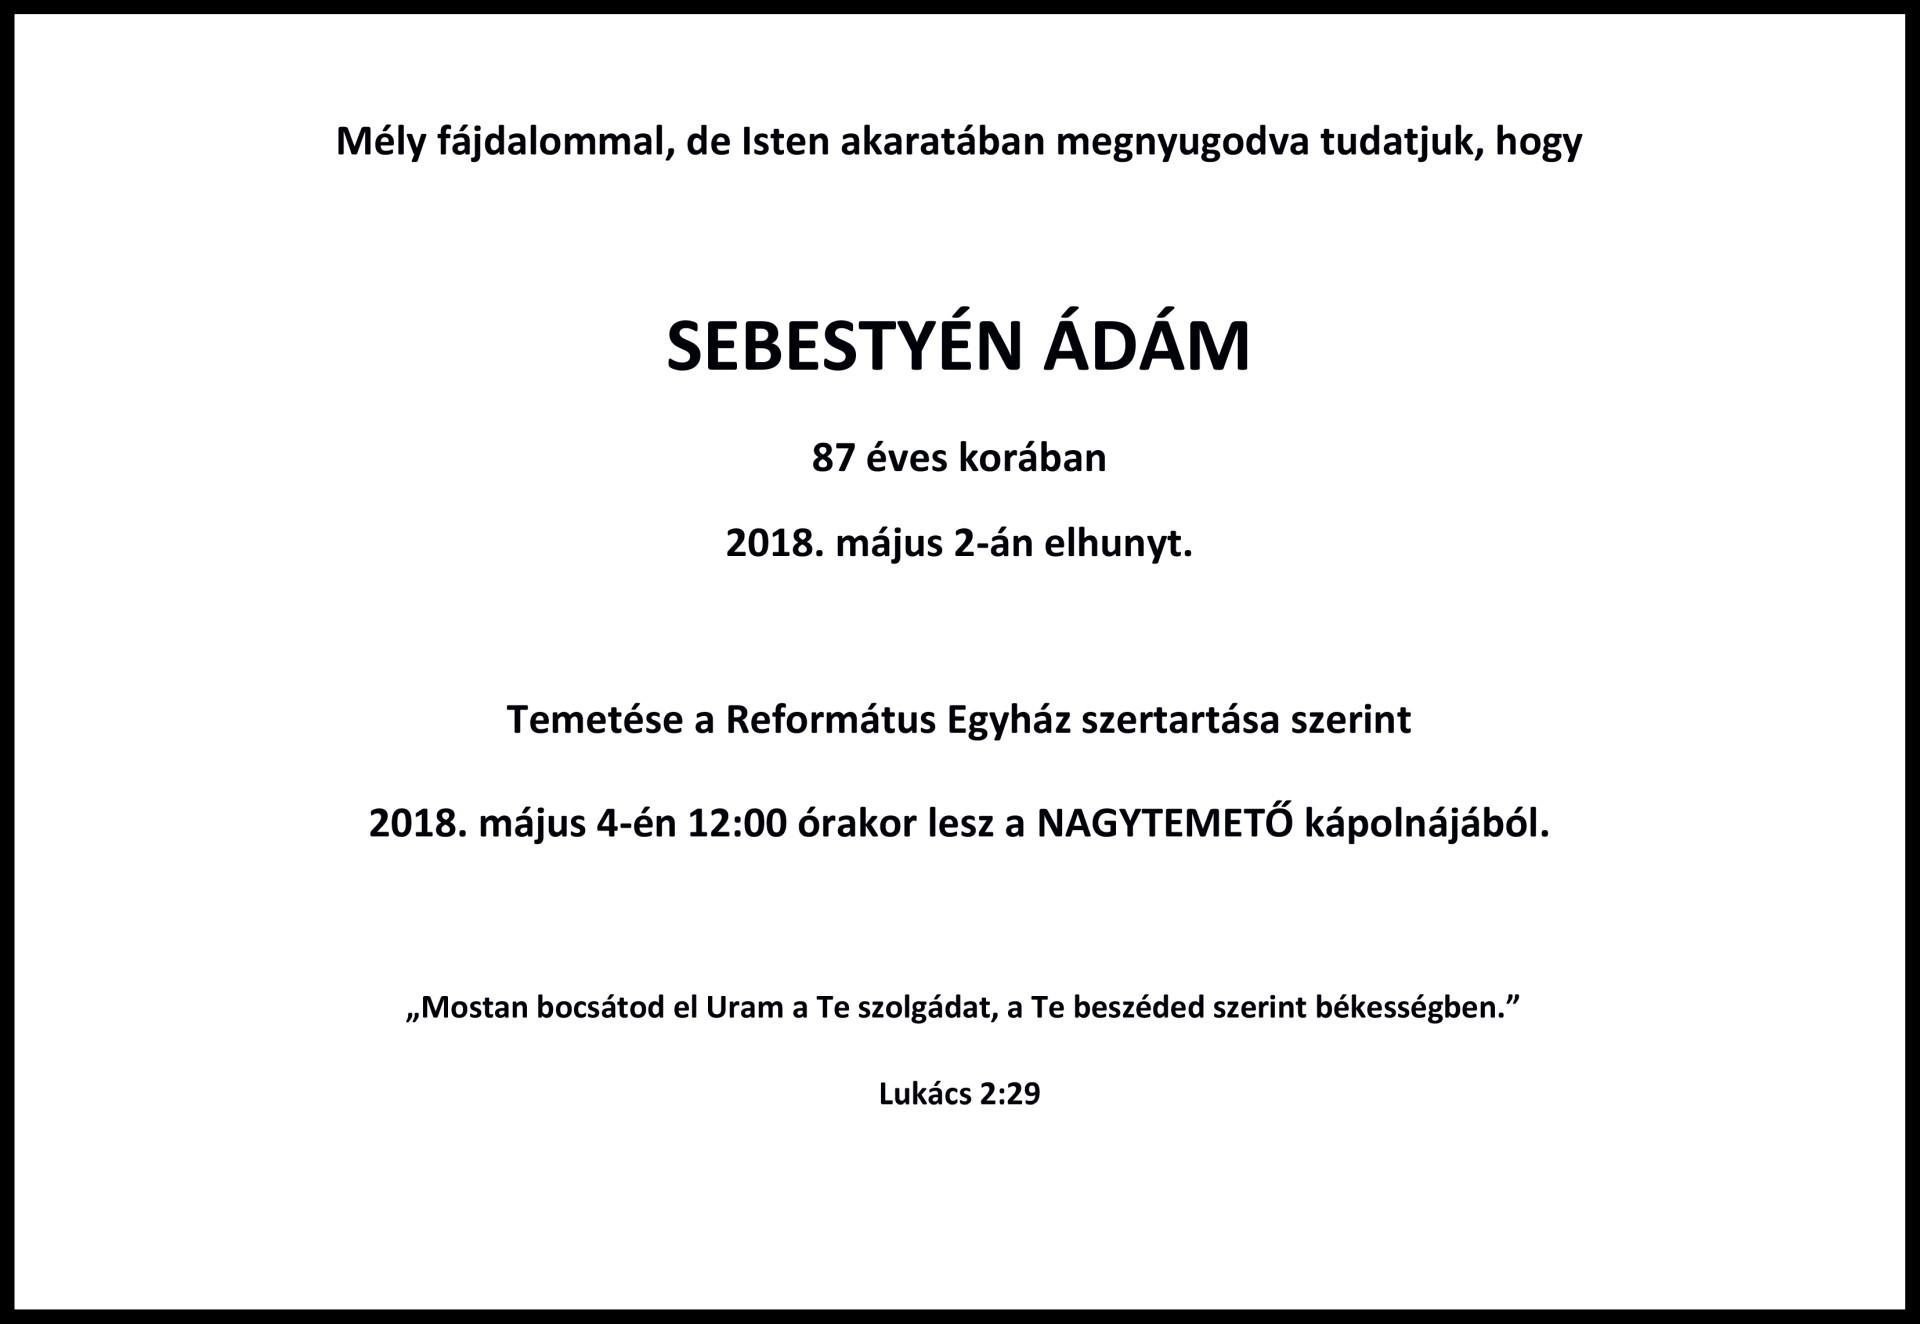 Gyászjelentés - Sebestyén Ádám